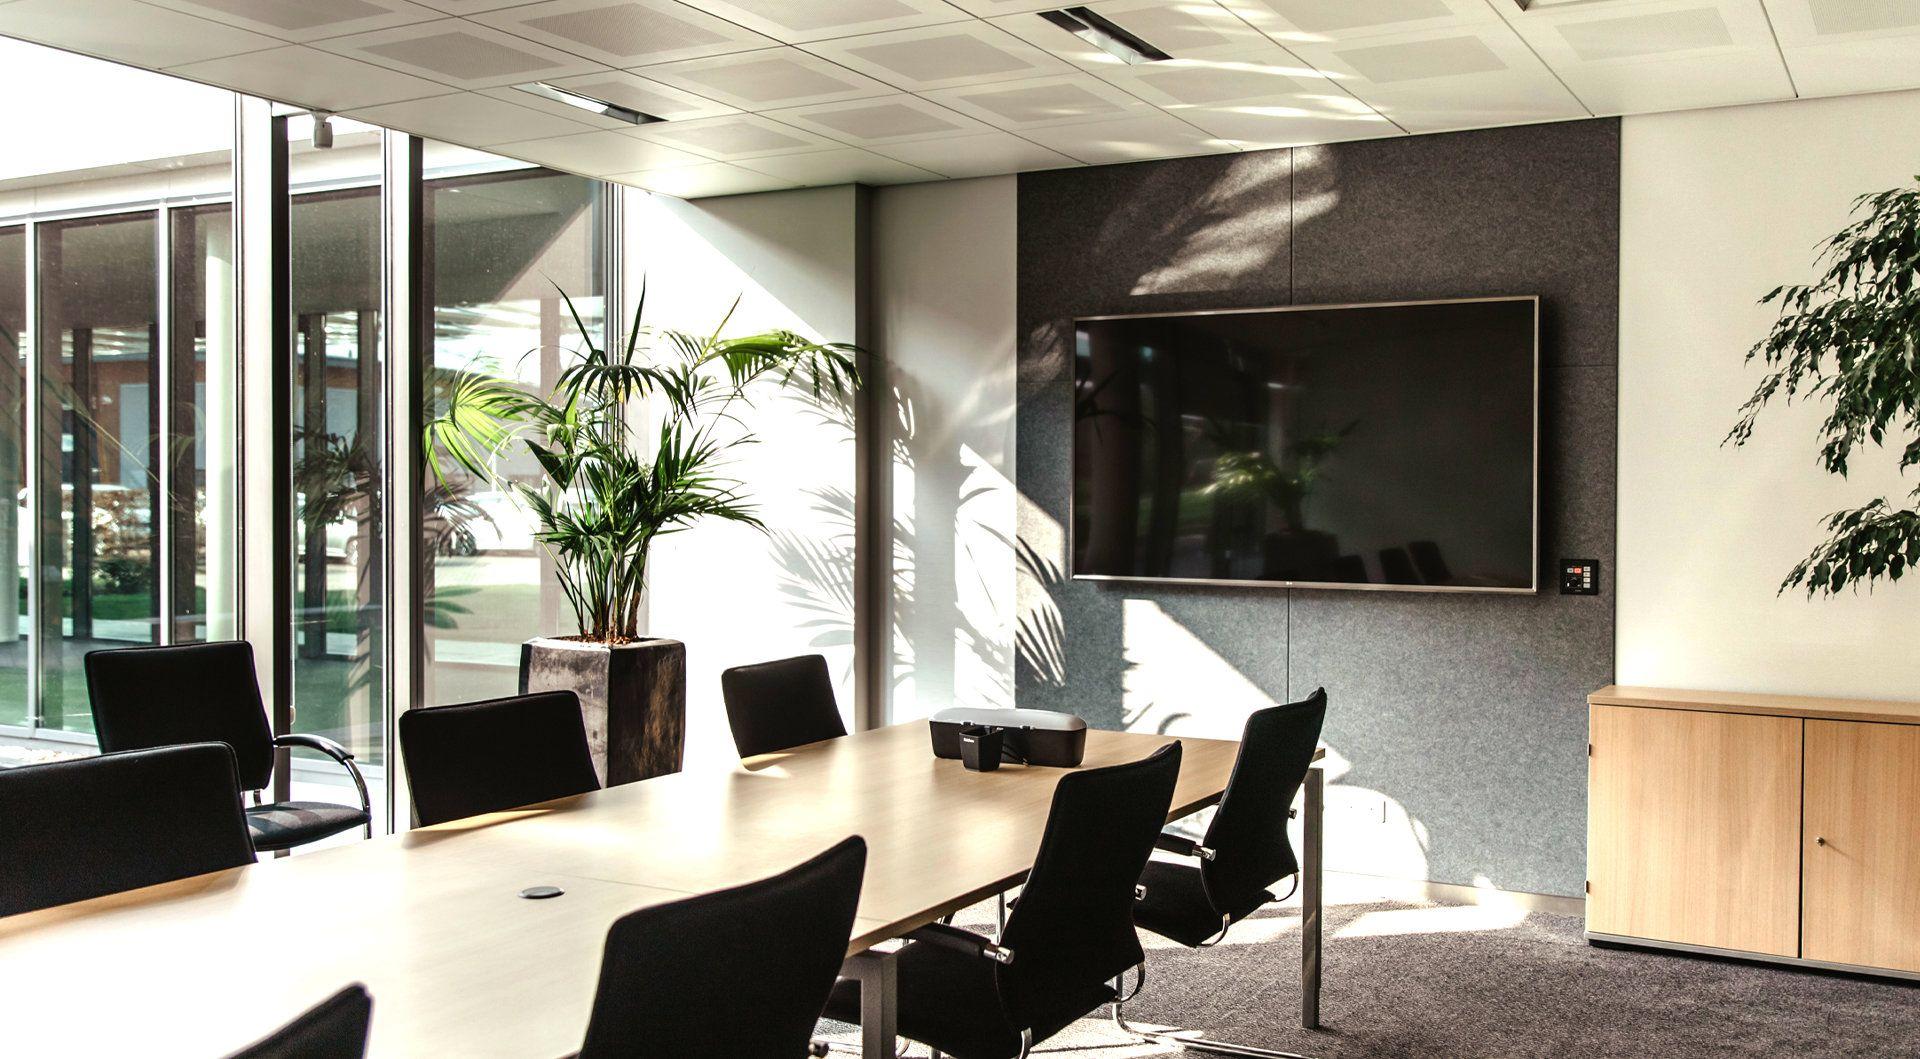 """Projecta HomeScreen Deluxe projectiescherm 2,59 m (102"""") 16:10 - Case studie de vries"""